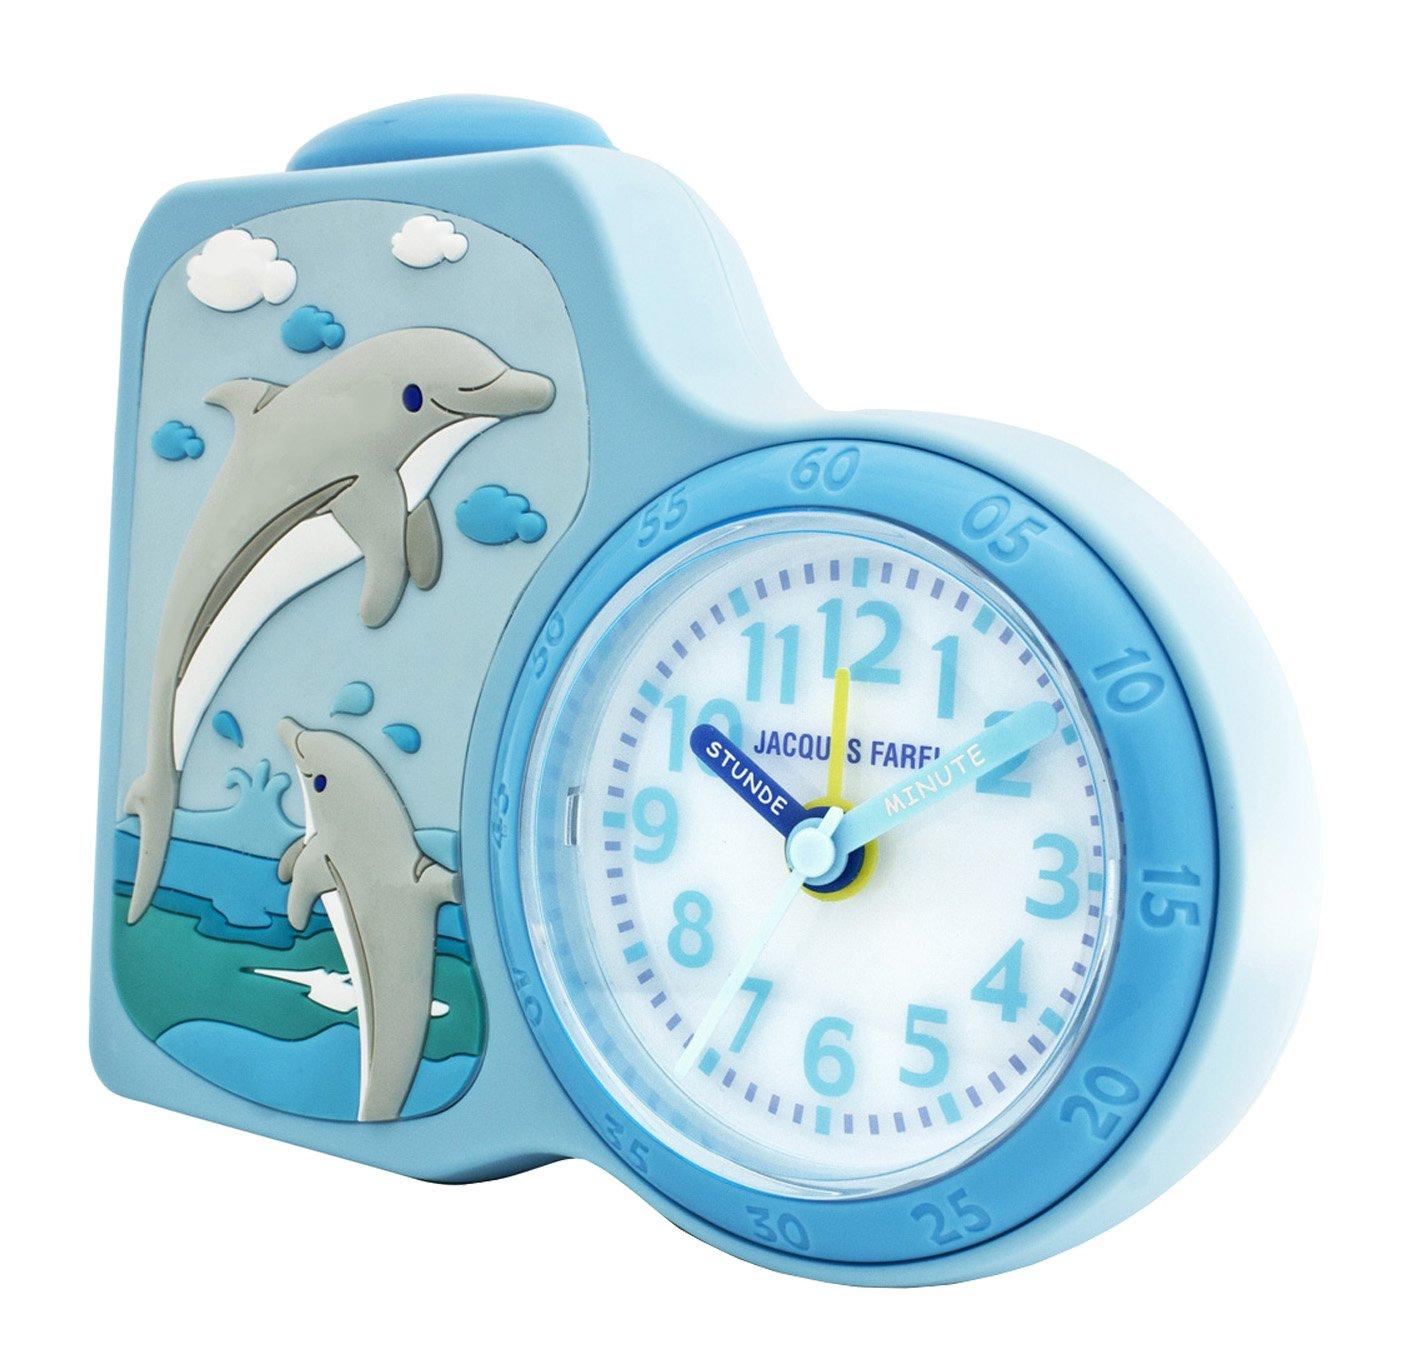 Jacques Farel Kids: Kinder-Wecker Delfin / Delphin – Lernwecker mit Beleuchtung und Repetition jetzt kaufen